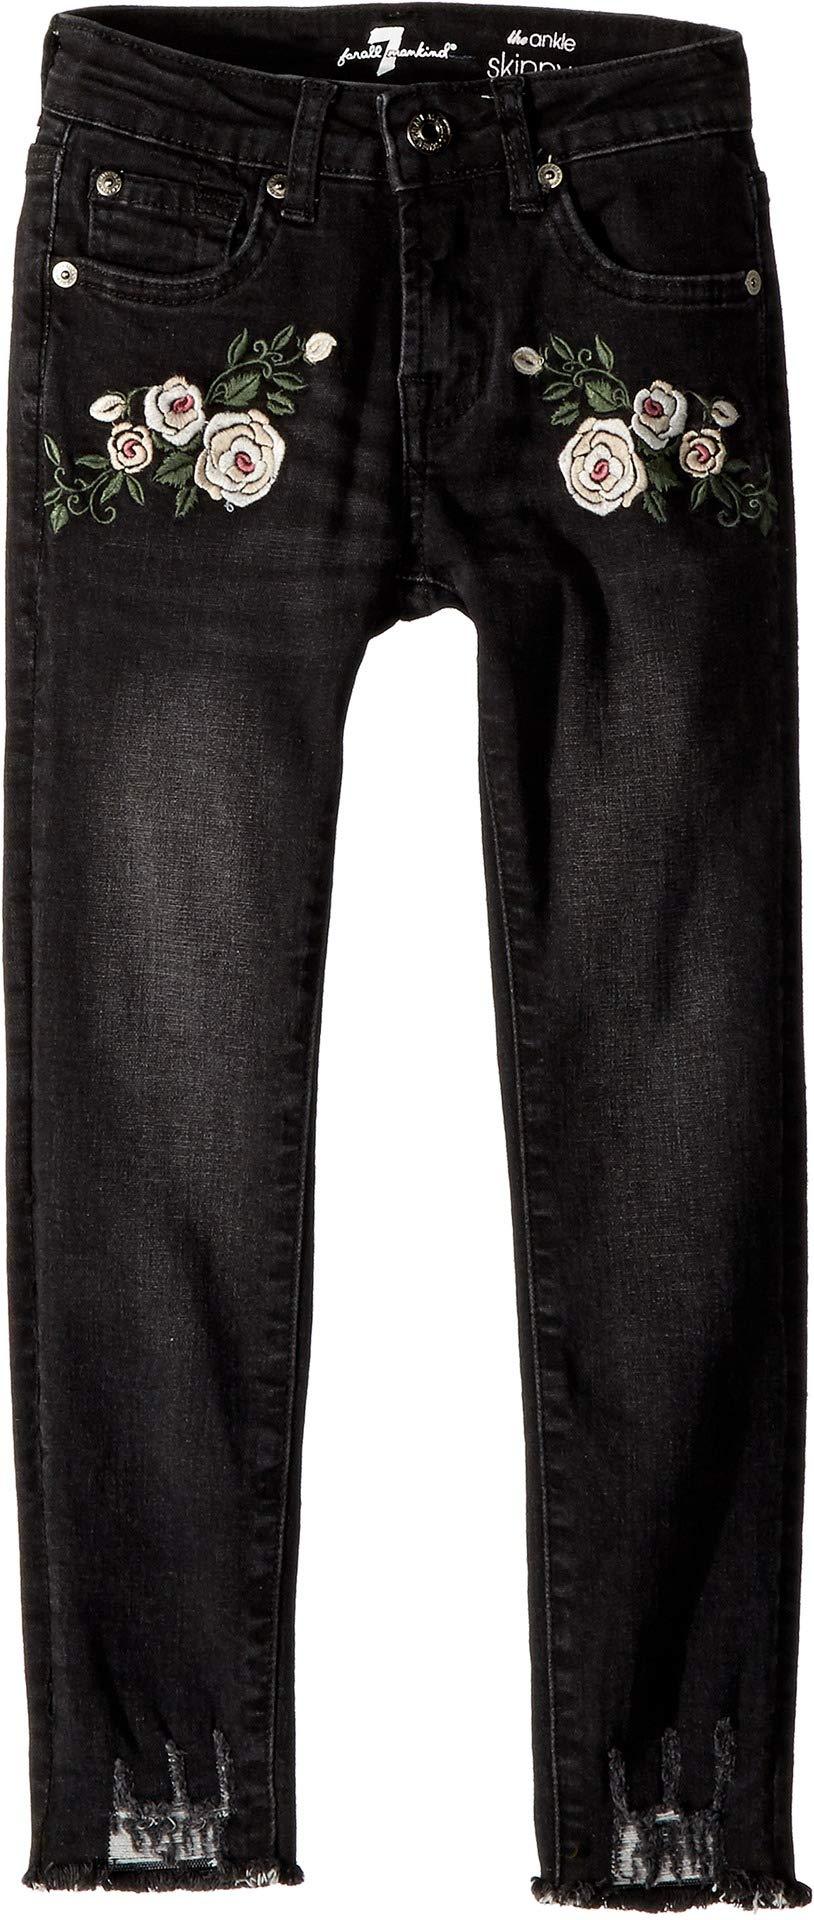 7 For All Mankind Kids Girl's Ankle Skinny Stretch Denim Jeans in Vintage Noir (Big Kids) Vintage Noir 7